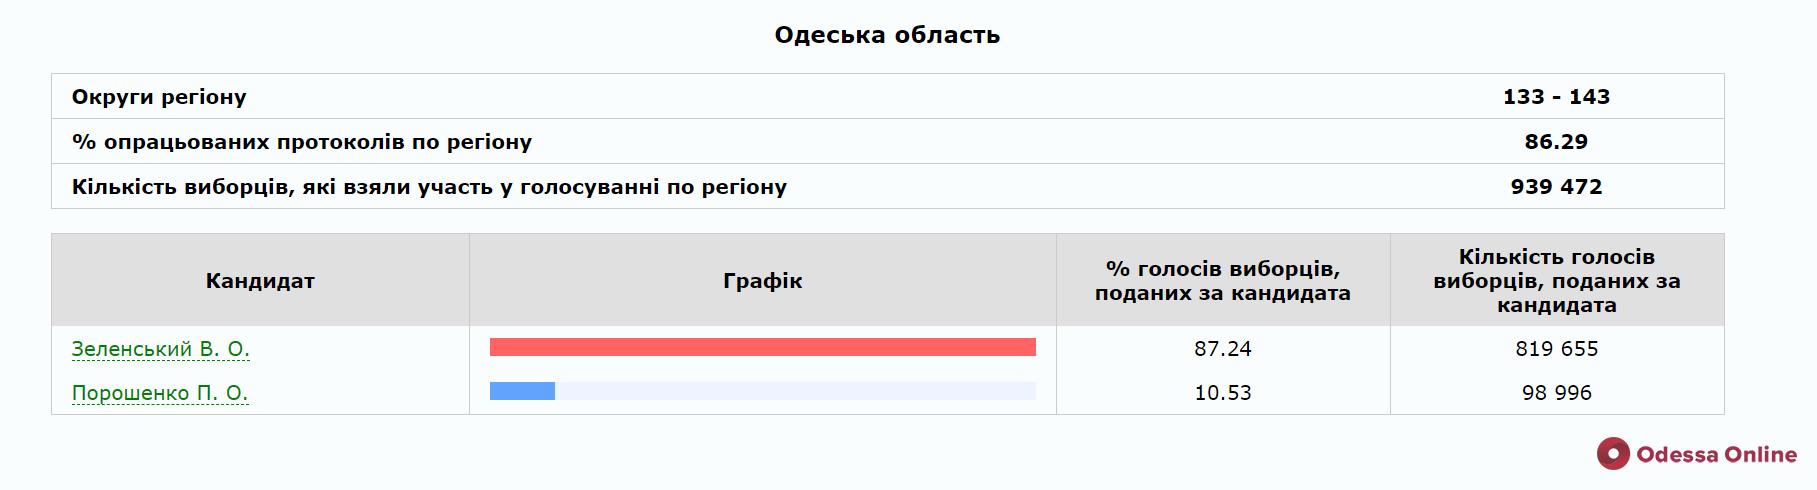 В Одесской области заканчивают обрабатывать протоколы —Зеленский набрал 87% голосов